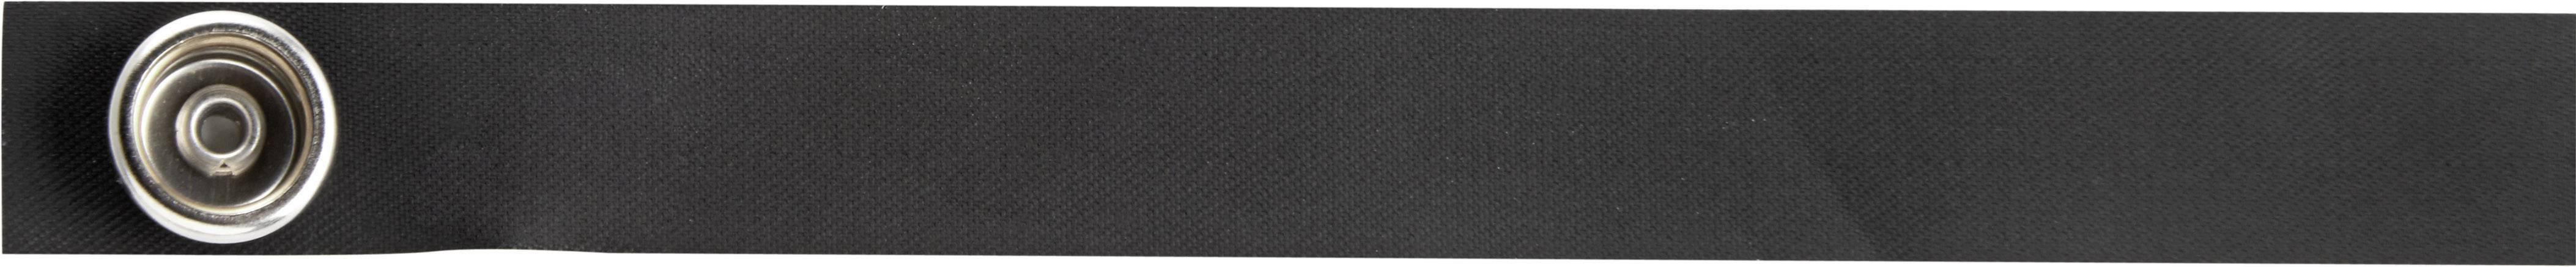 Kontaktní páska pro polobotky Wolfgang Warmbier 1 ks, černá